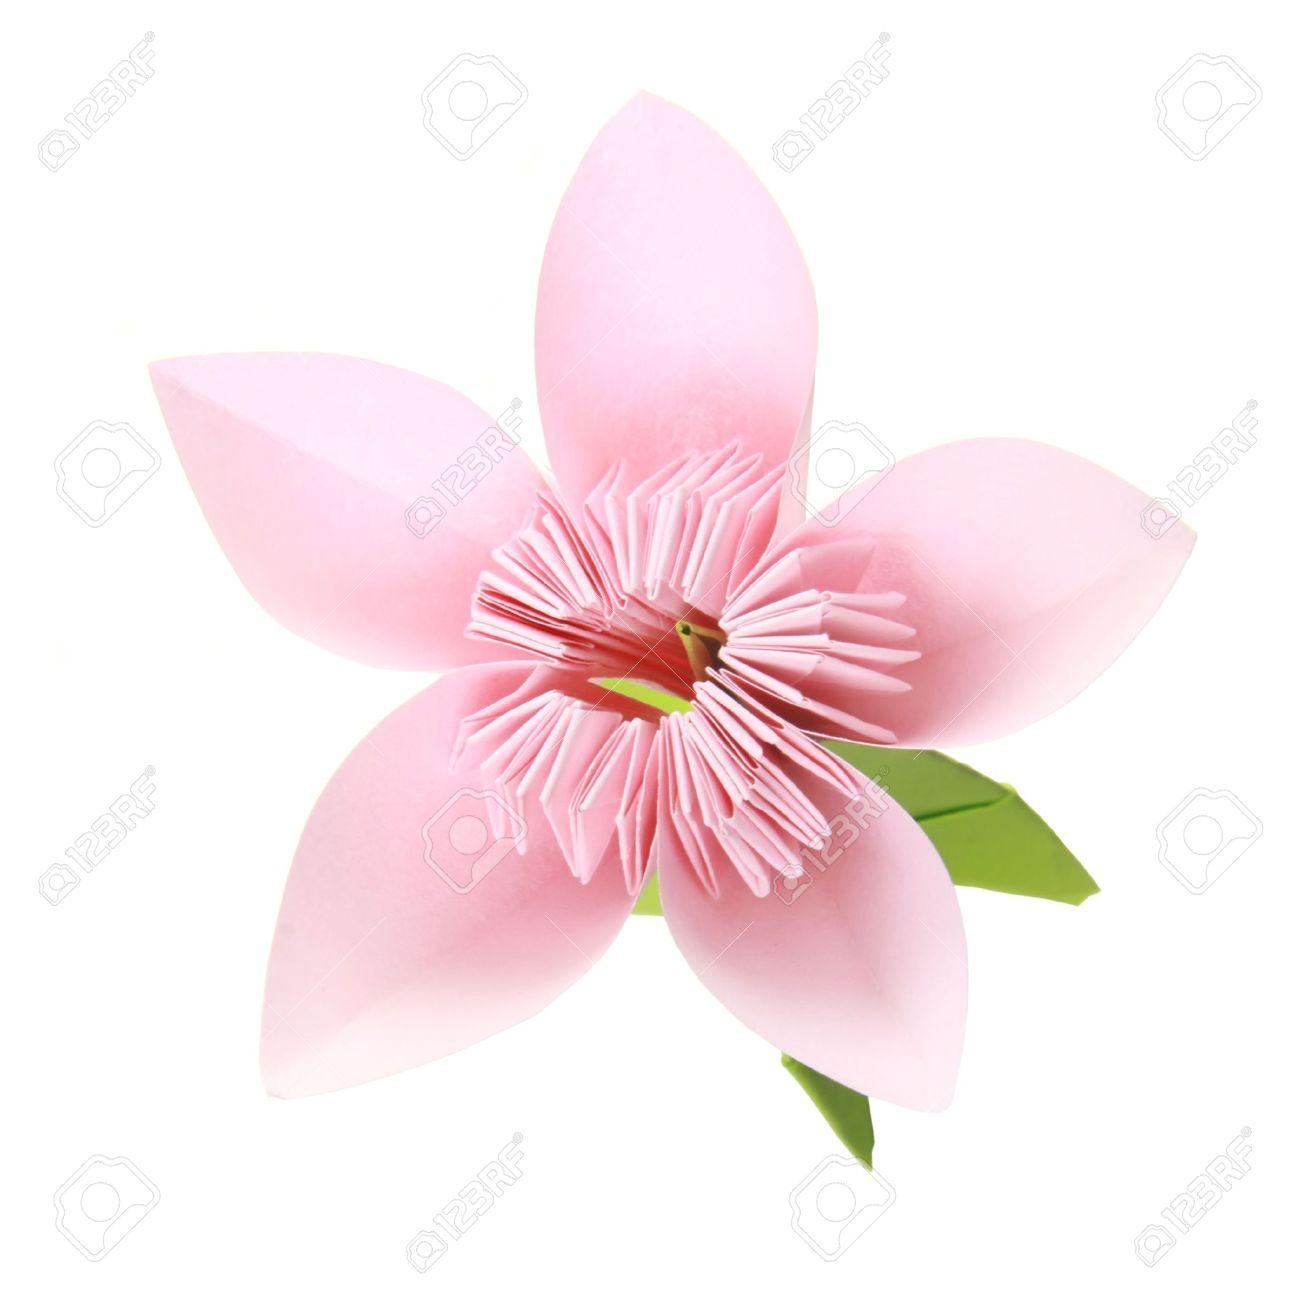 Origami pink sakura flower on a white background stock photo origami pink sakura flower on a white background stock photo 18419684 dhlflorist Images